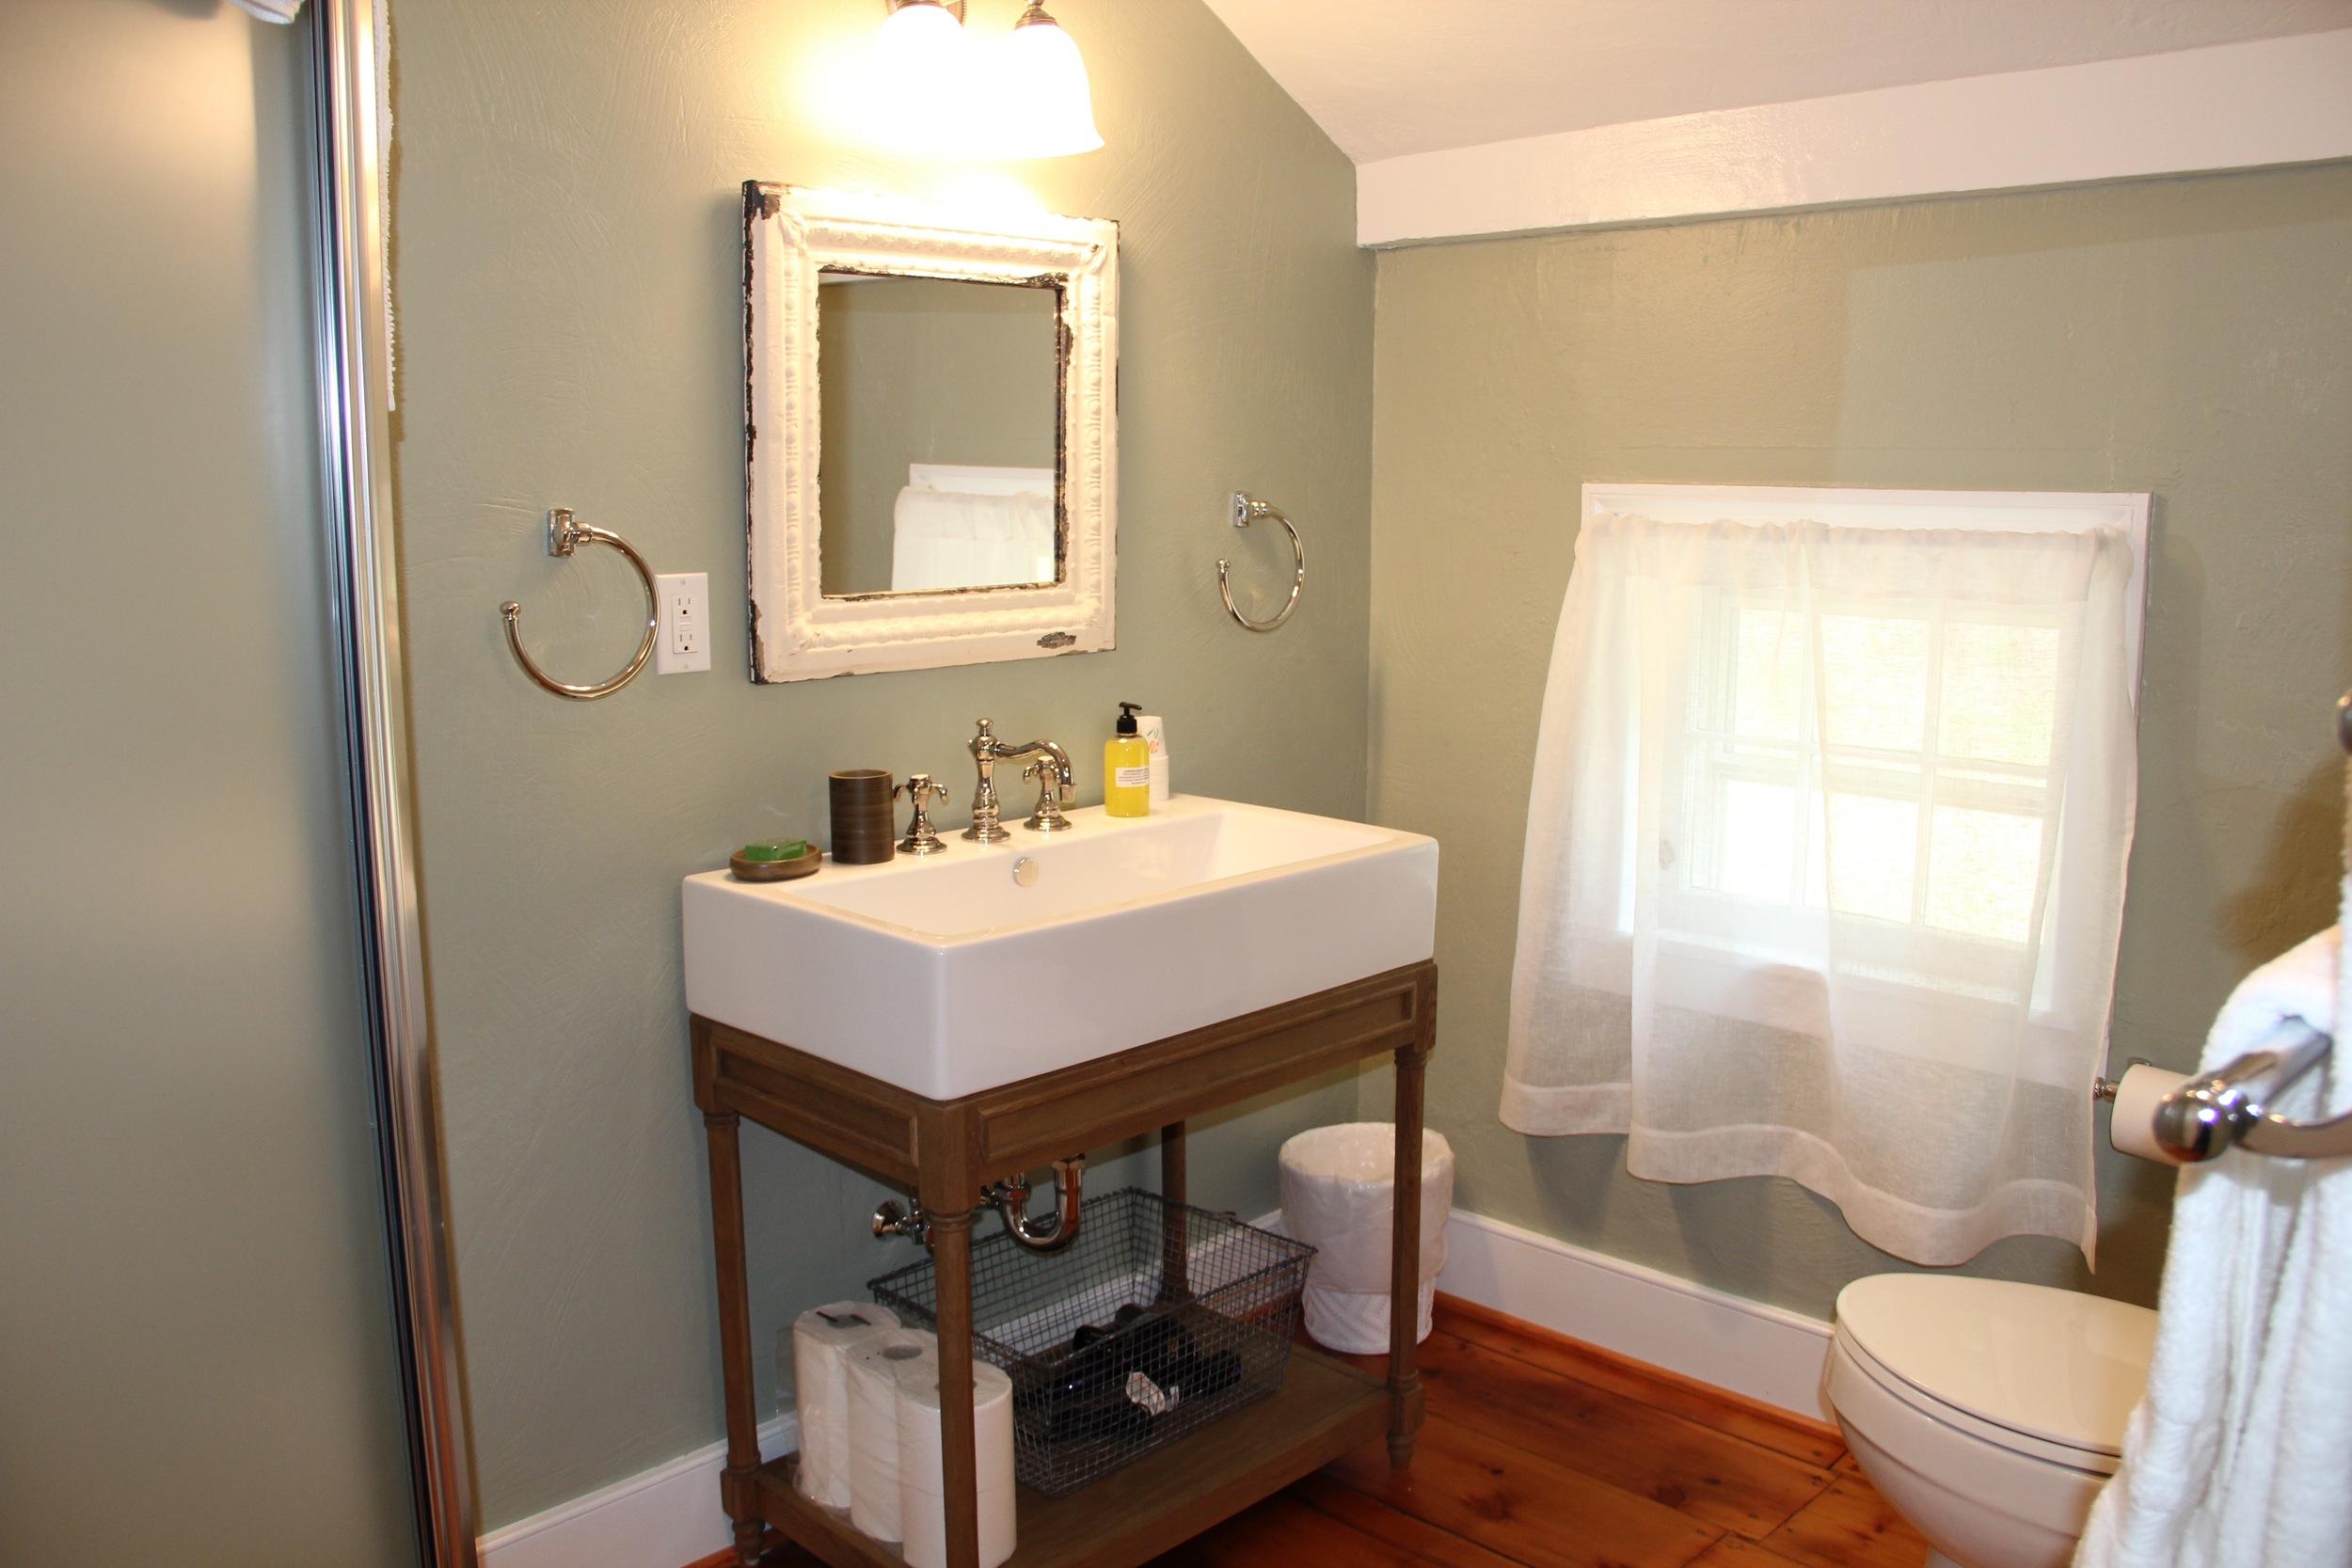 Hall Bath 2nd Floor - no hand towels # 41.jpg